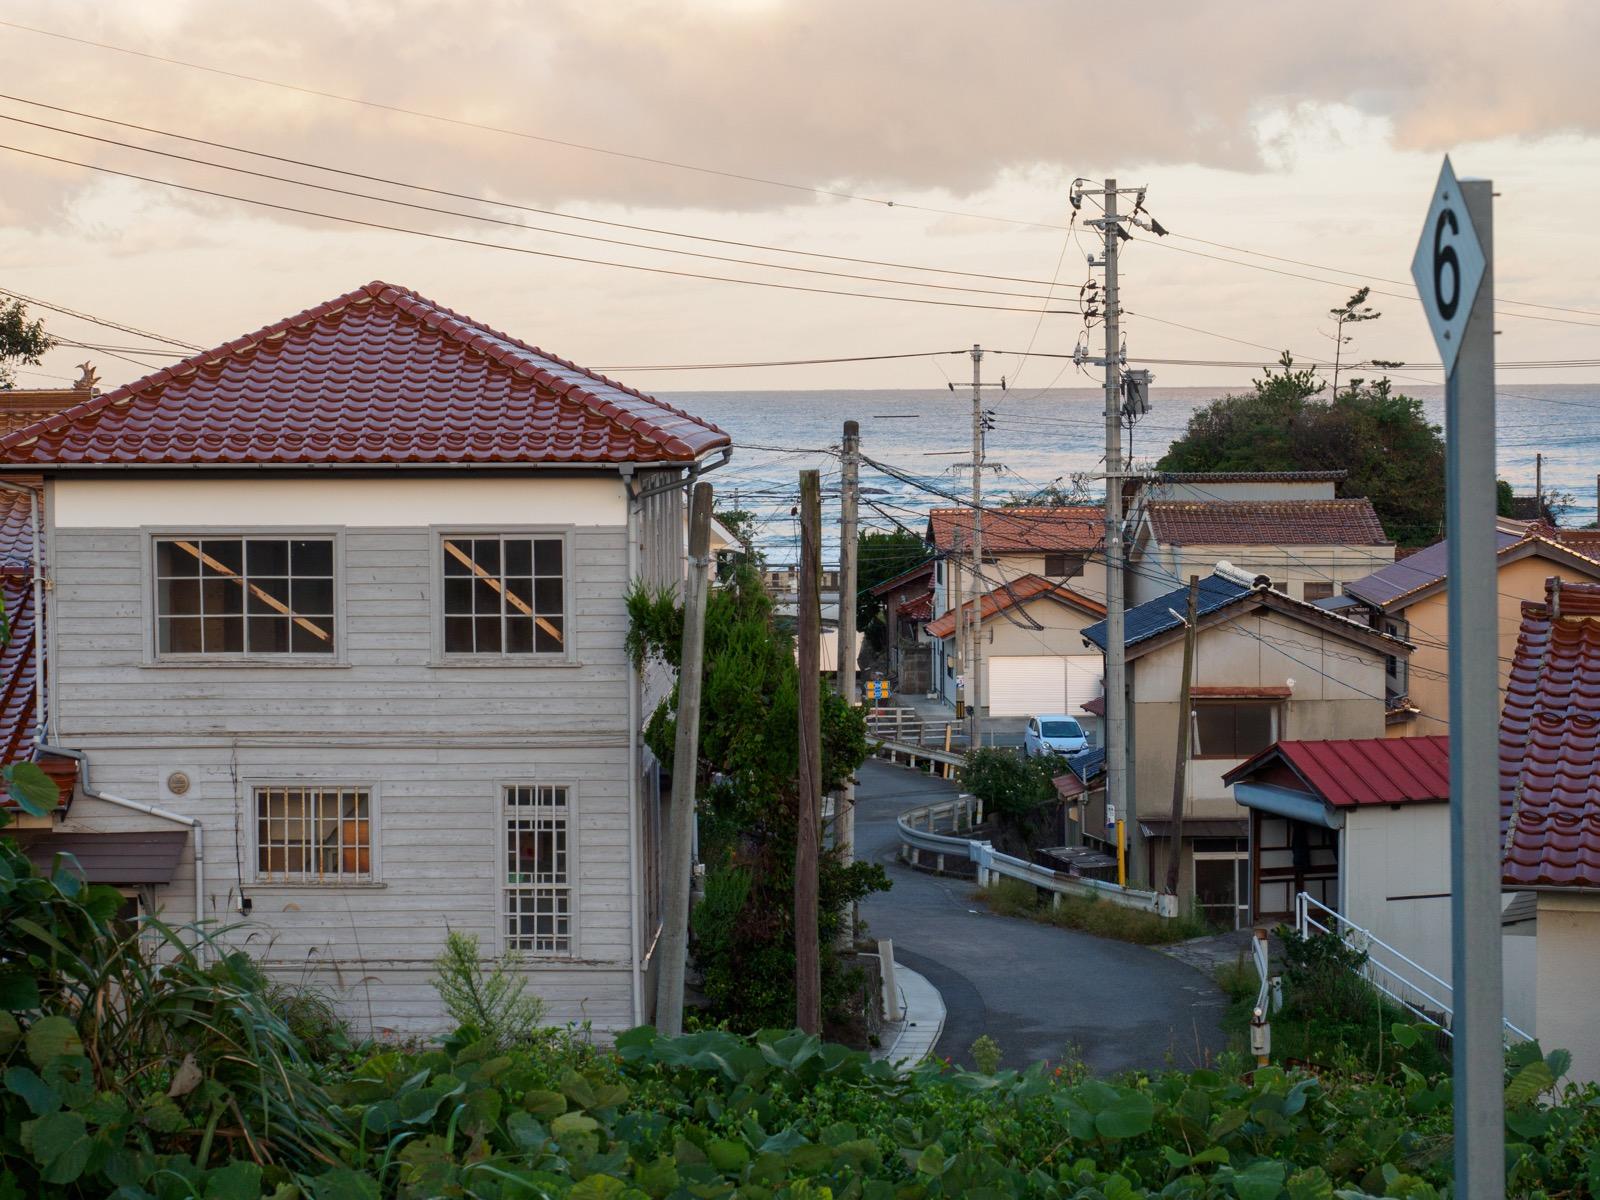 黒松駅から見た旧黒松郵便局と日本海